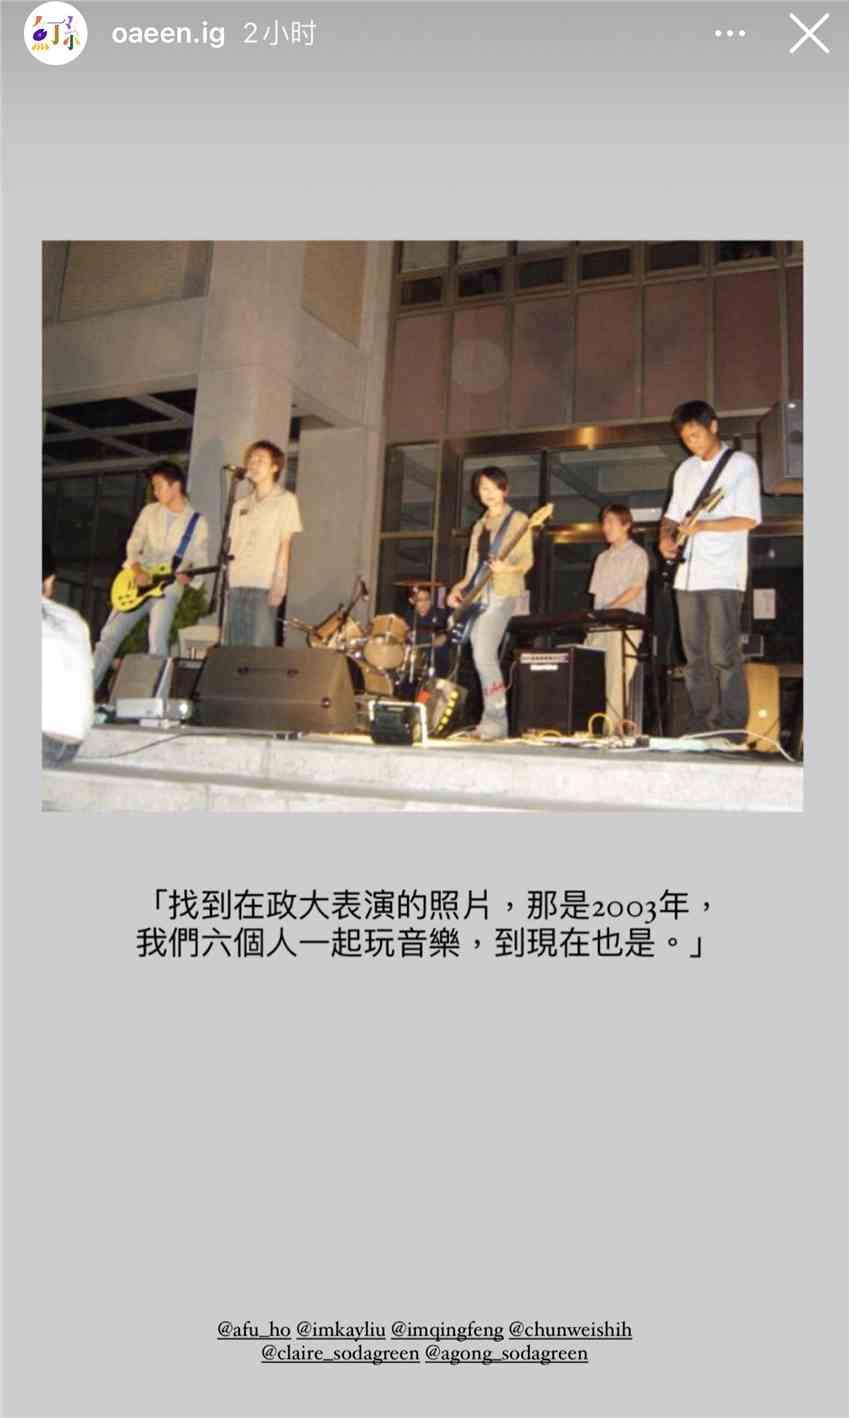 """《【杏鑫娱乐平台怎么注册】""""苏打绿""""商标讨不回!乐队已改名""""鱼丁糸""""》"""